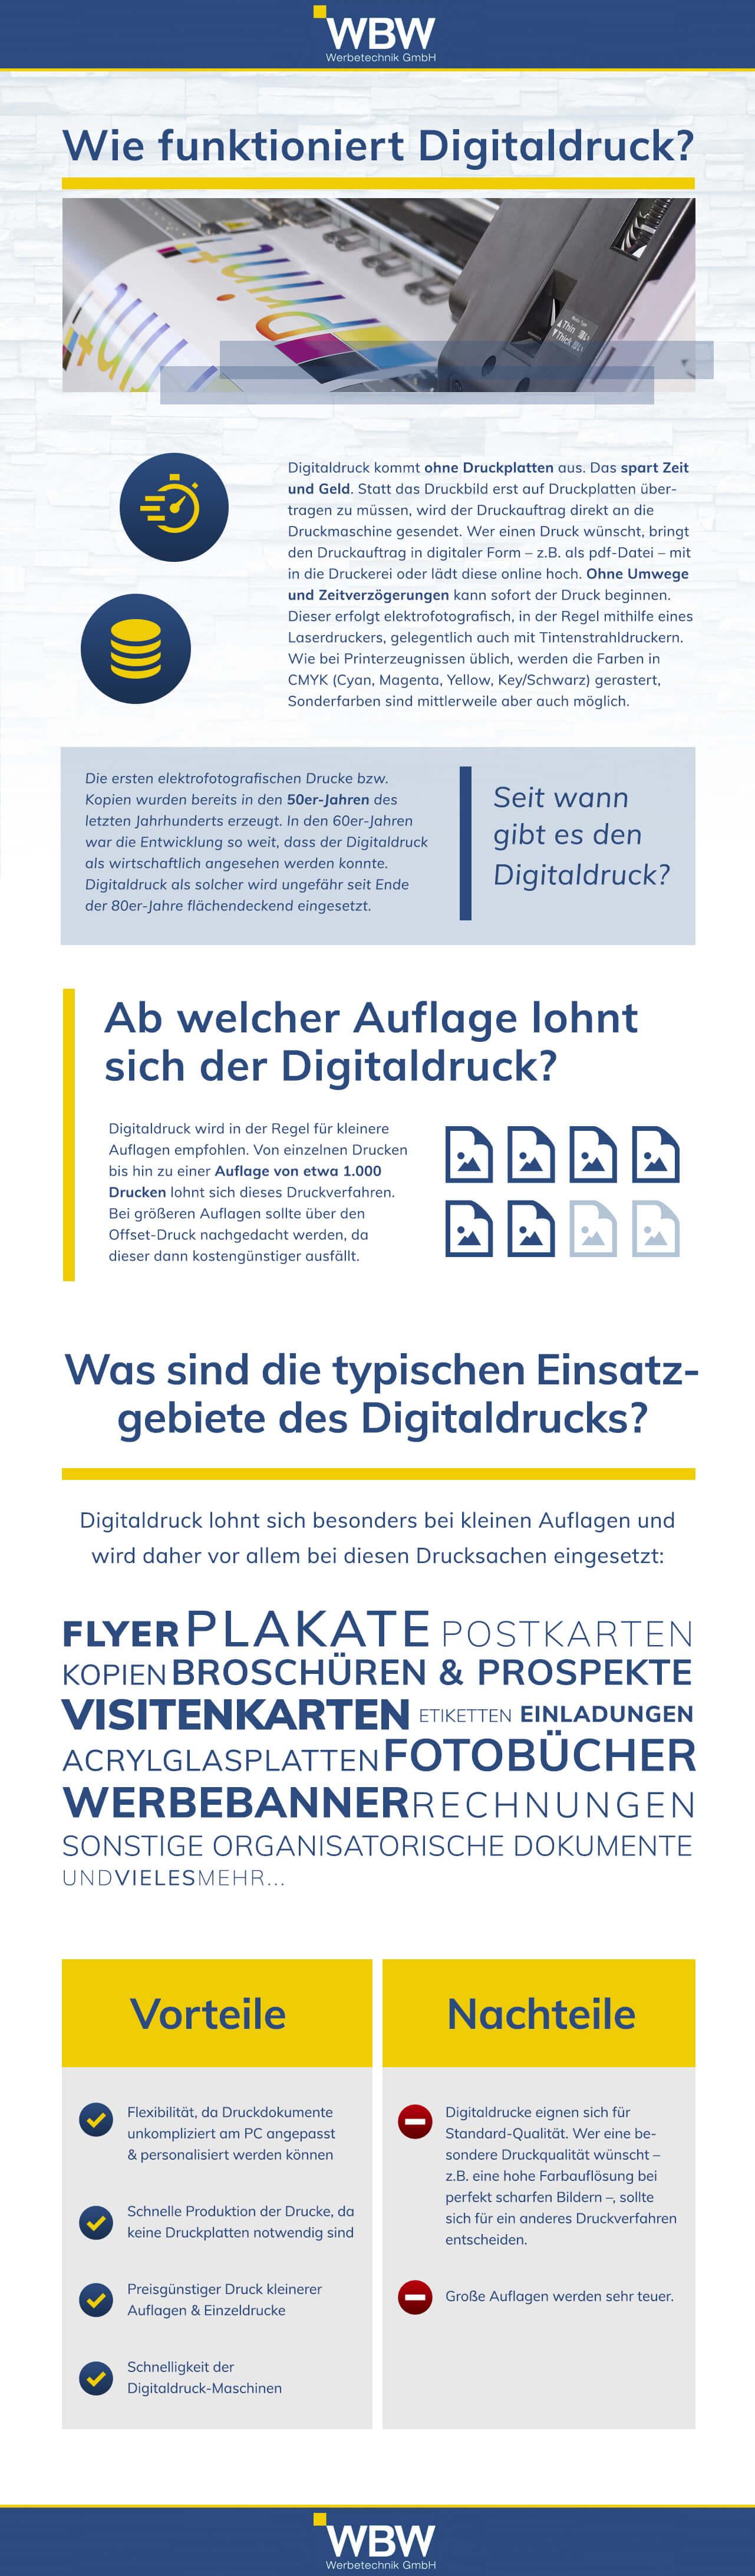 Infografik über Digitaldruck